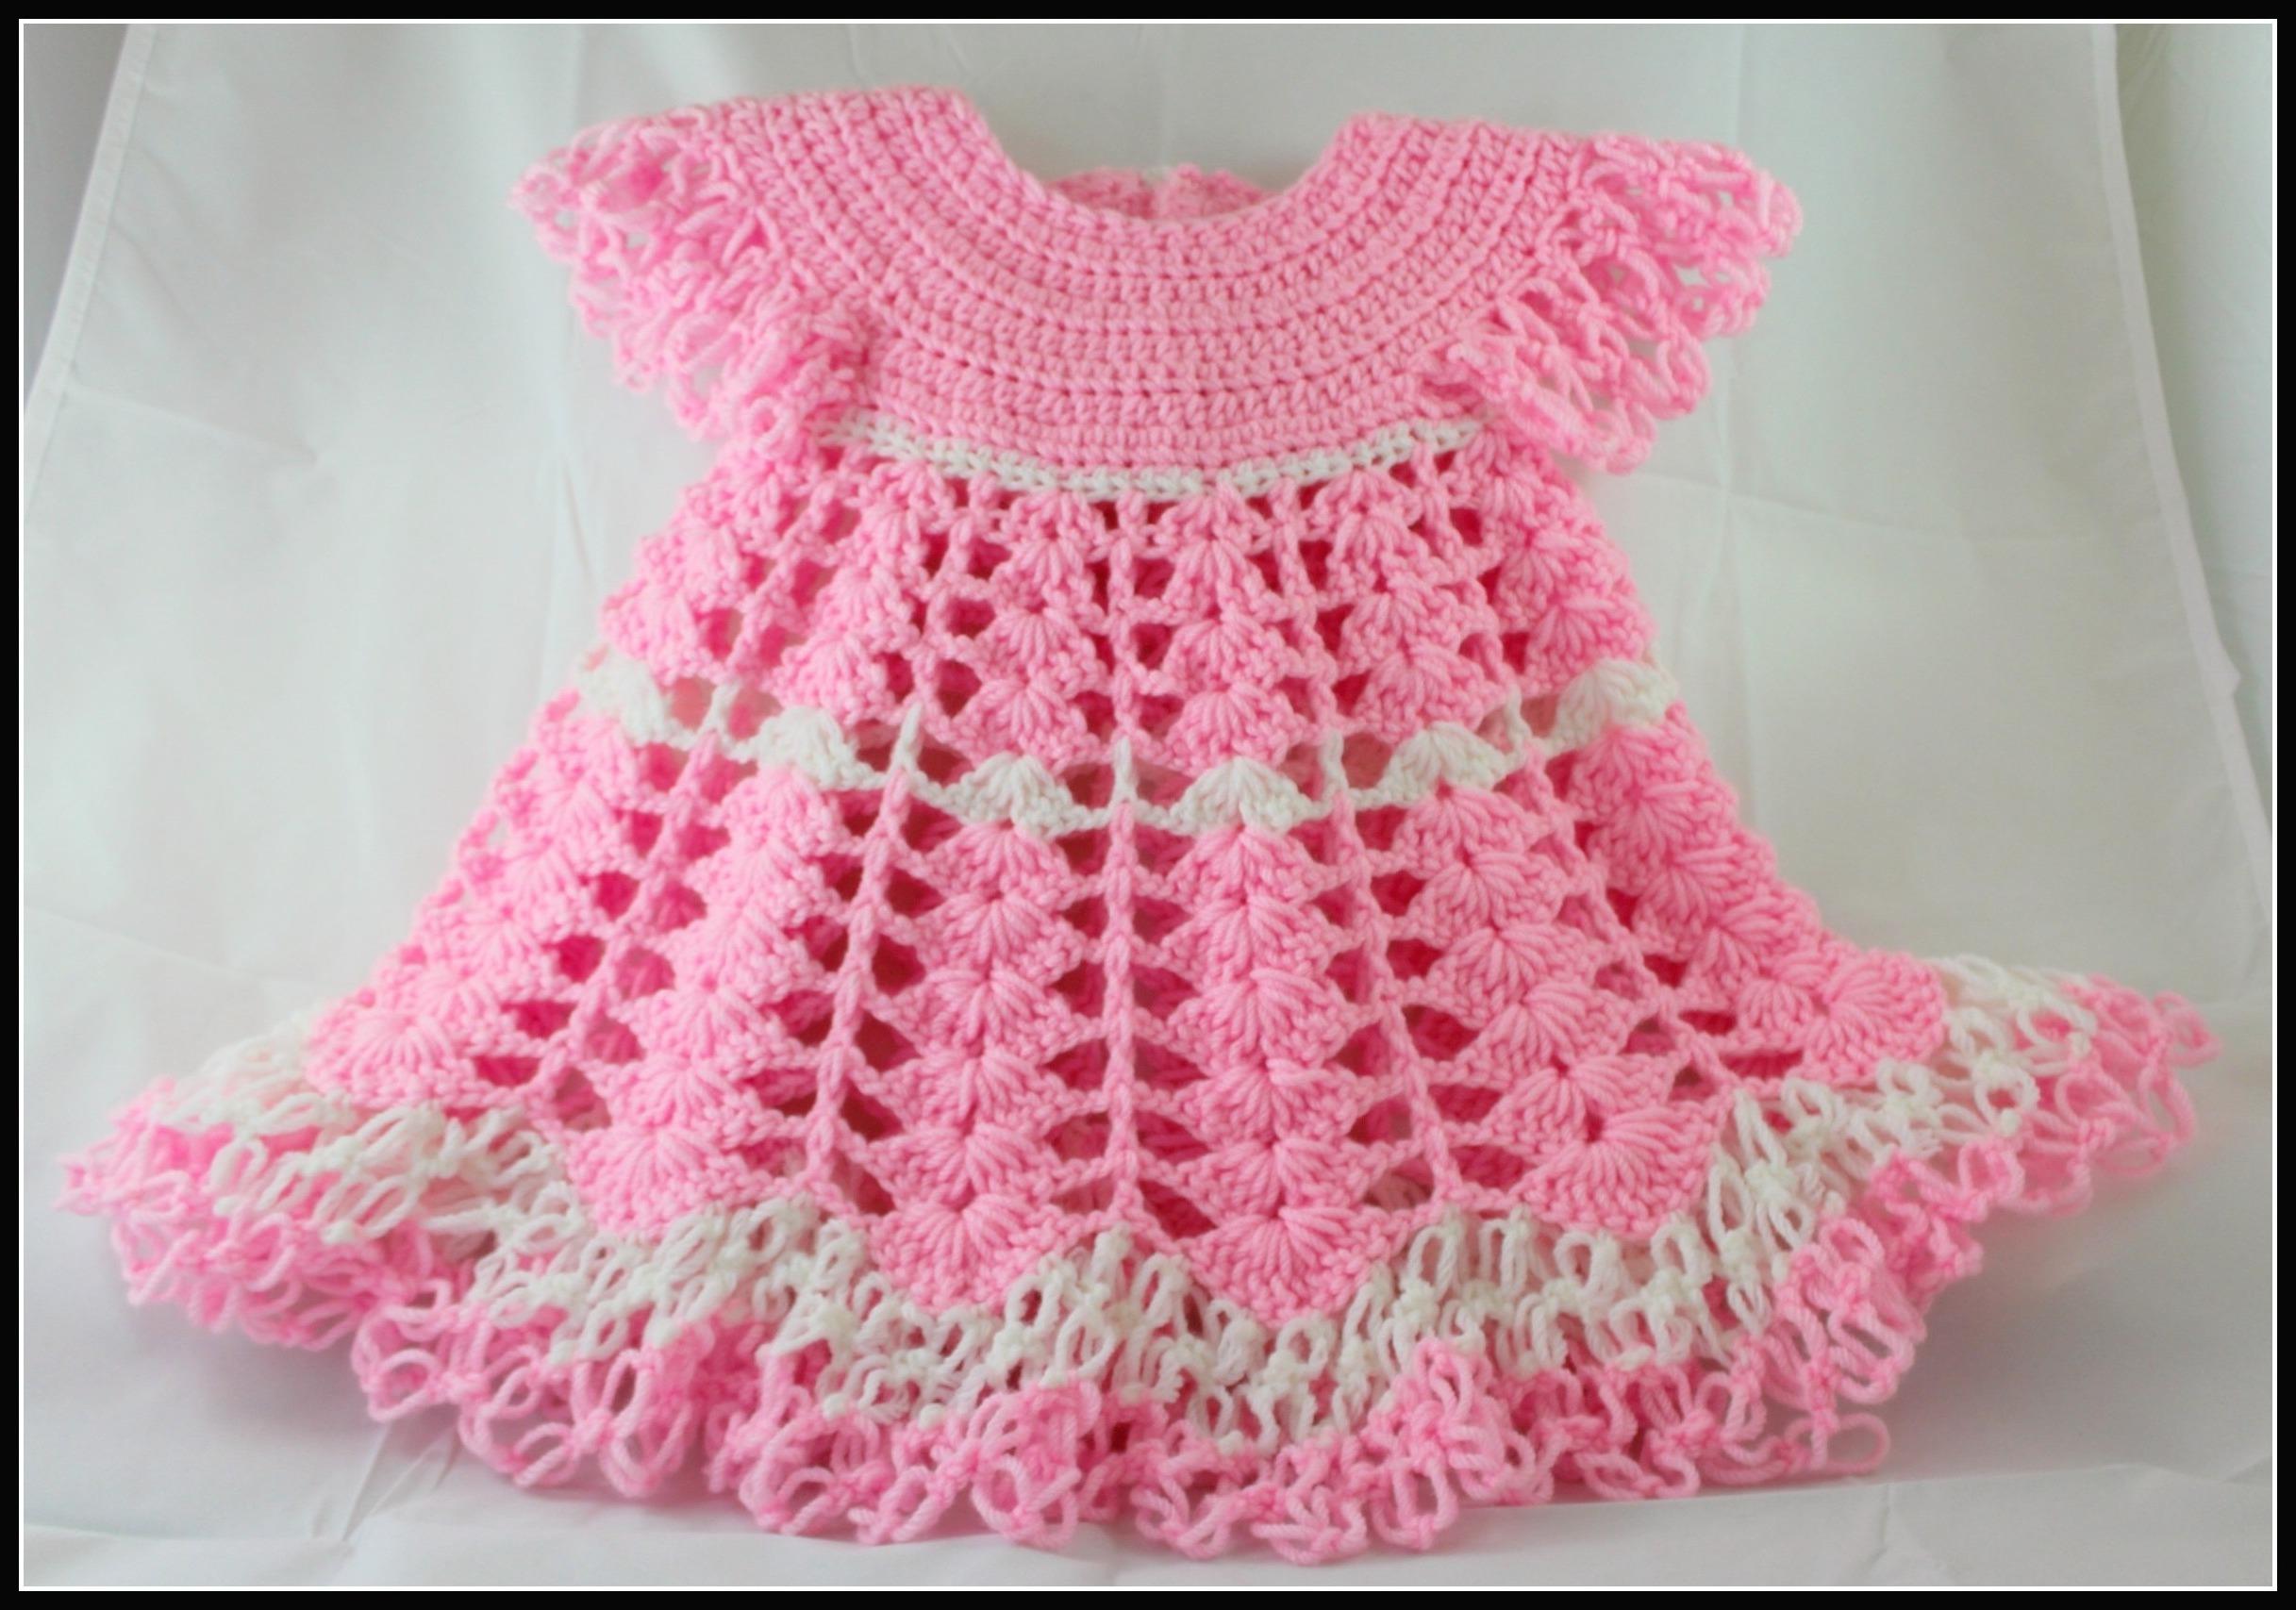 crochet baby dress by yolanda soto-lopez eebfhlm